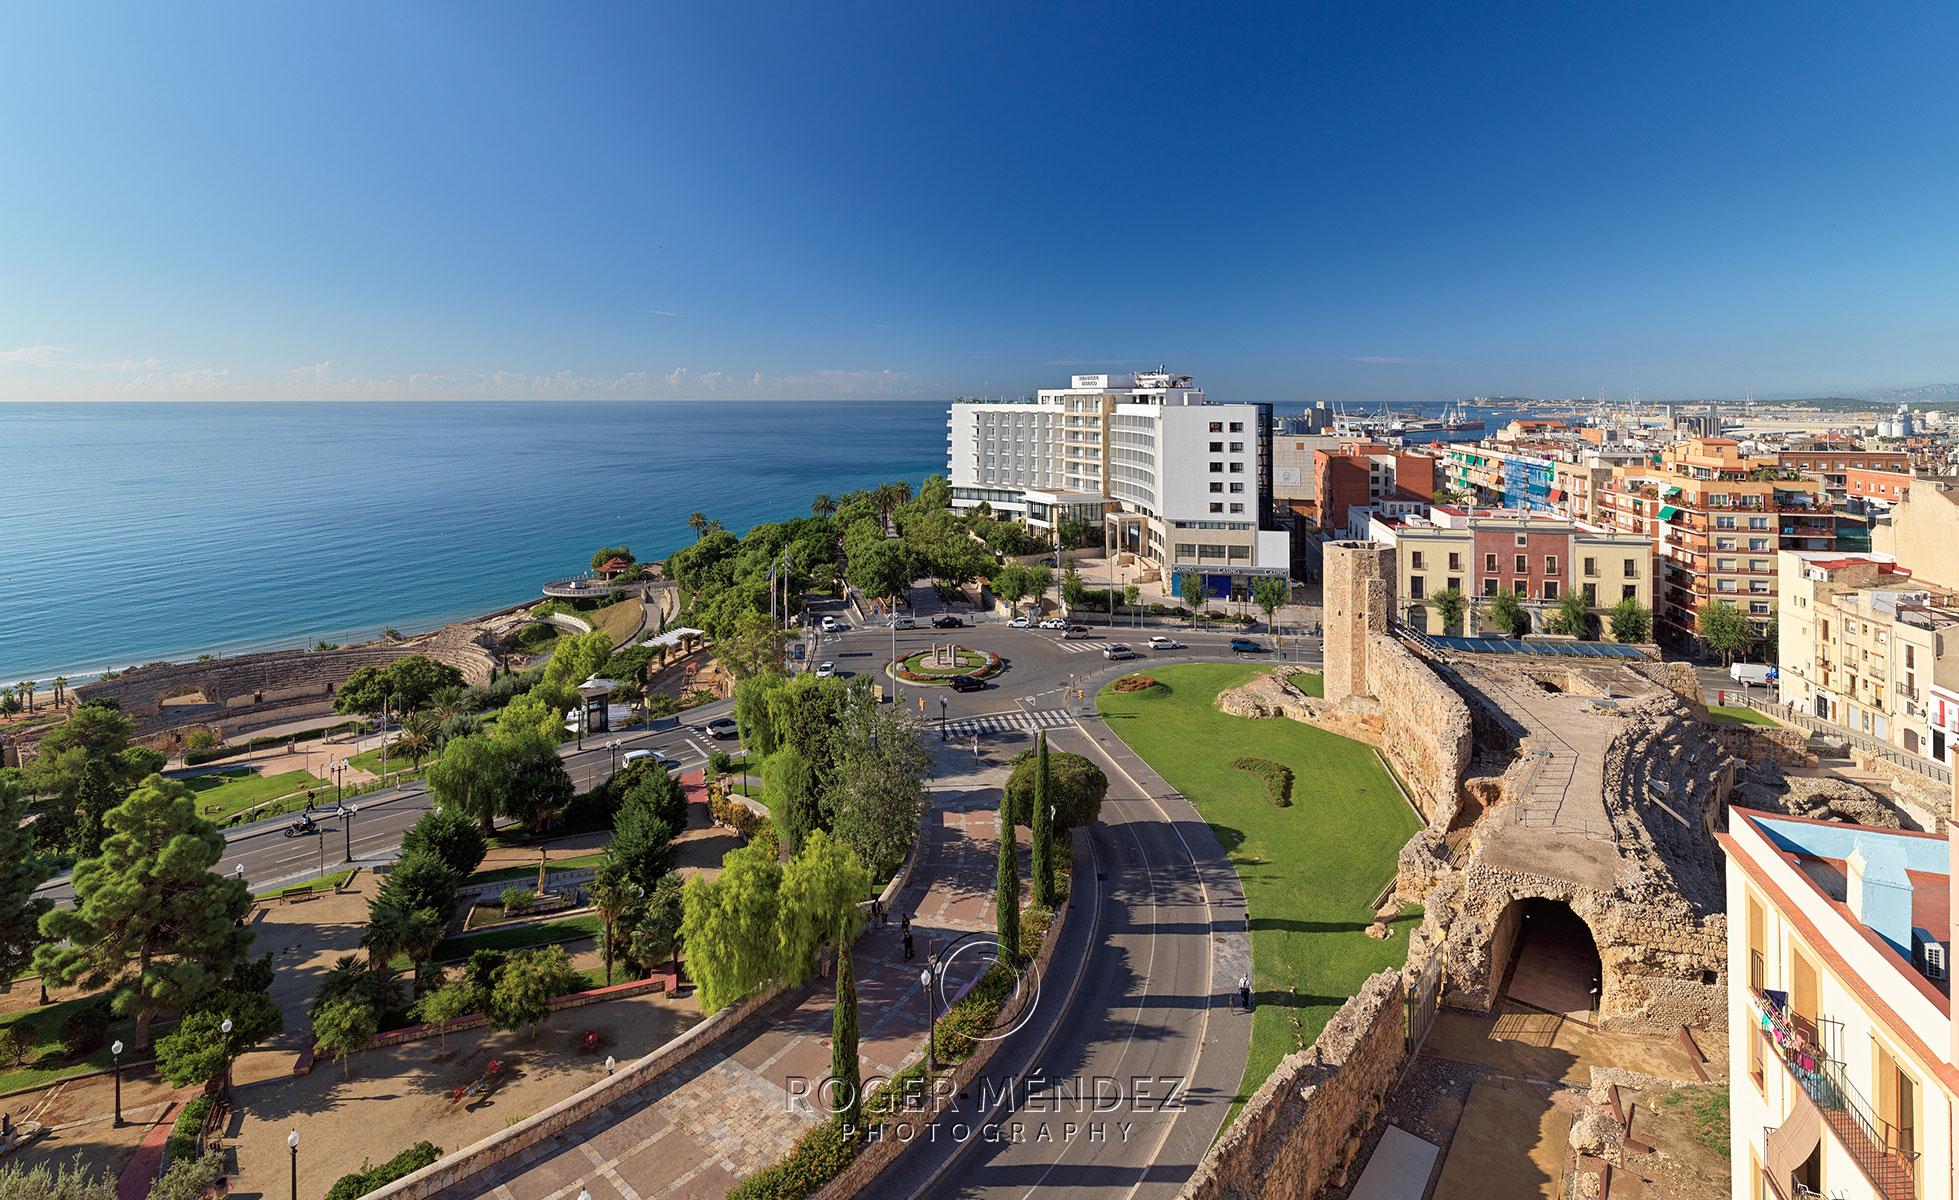 Vista general del hotel y de su ubicación